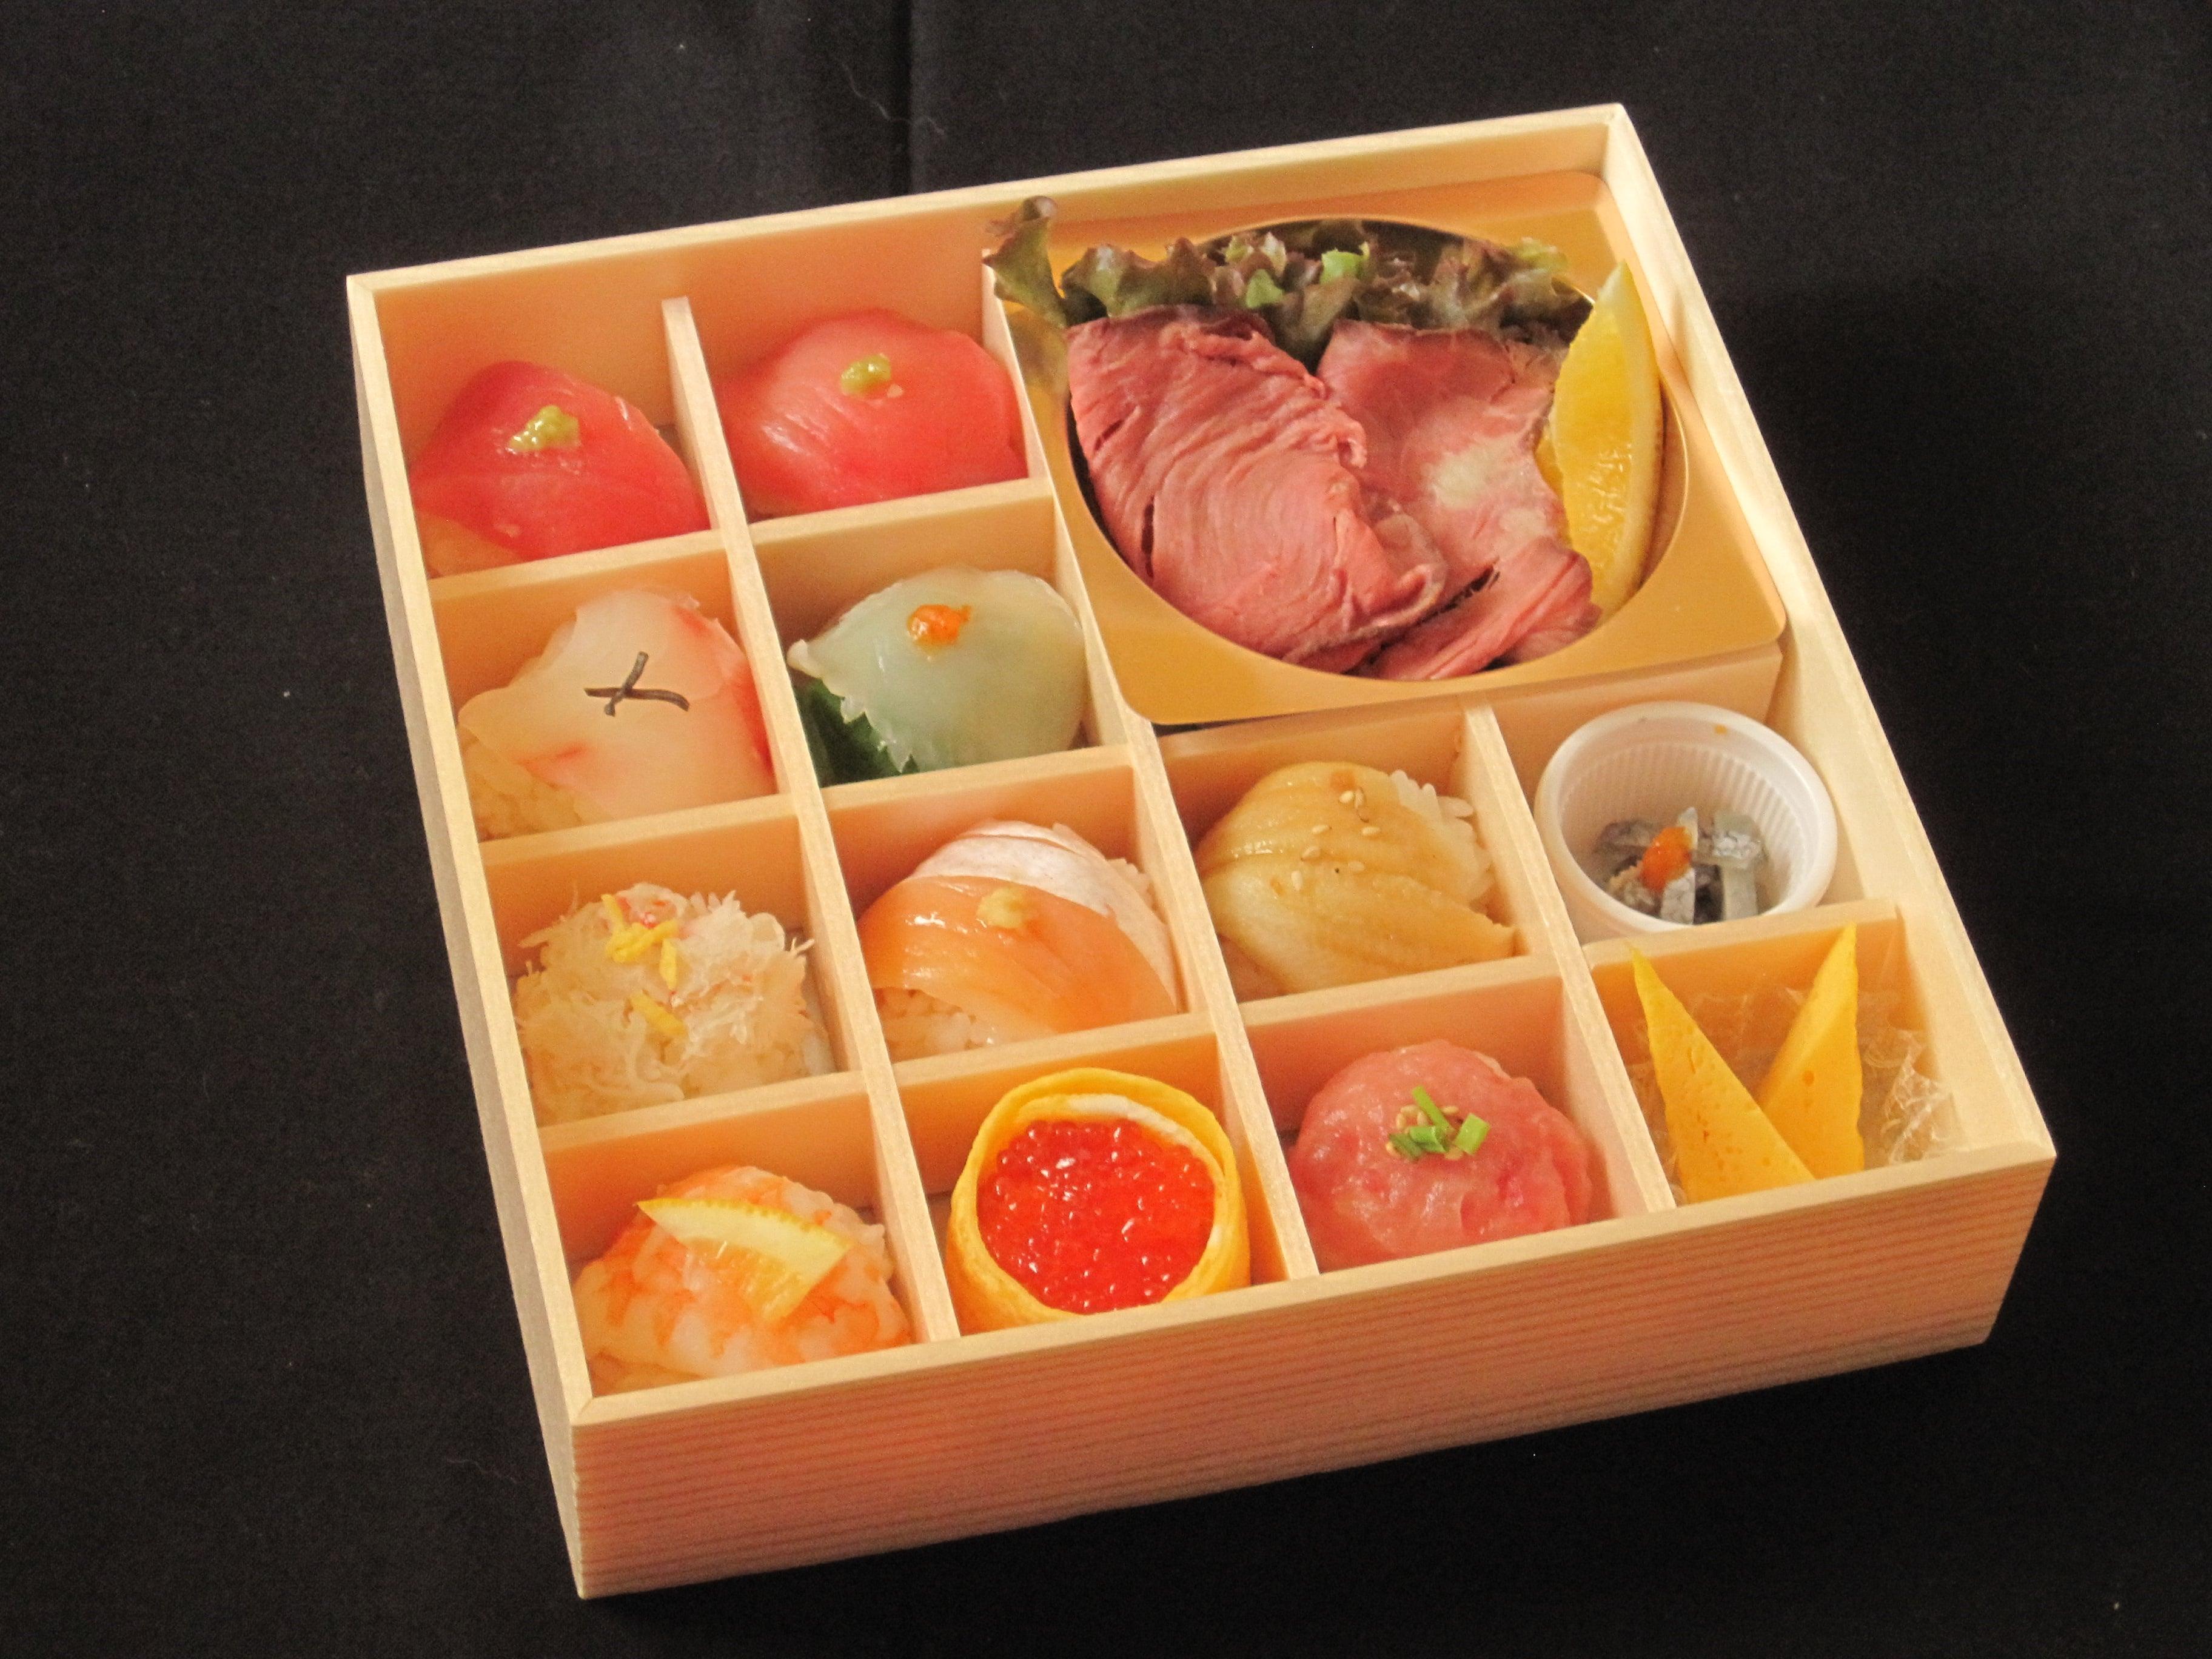 大切な日や自分へのご褒美に 極上 贅沢手まり寿司とローストビーフ御膳(要予約商品)のイメージその1